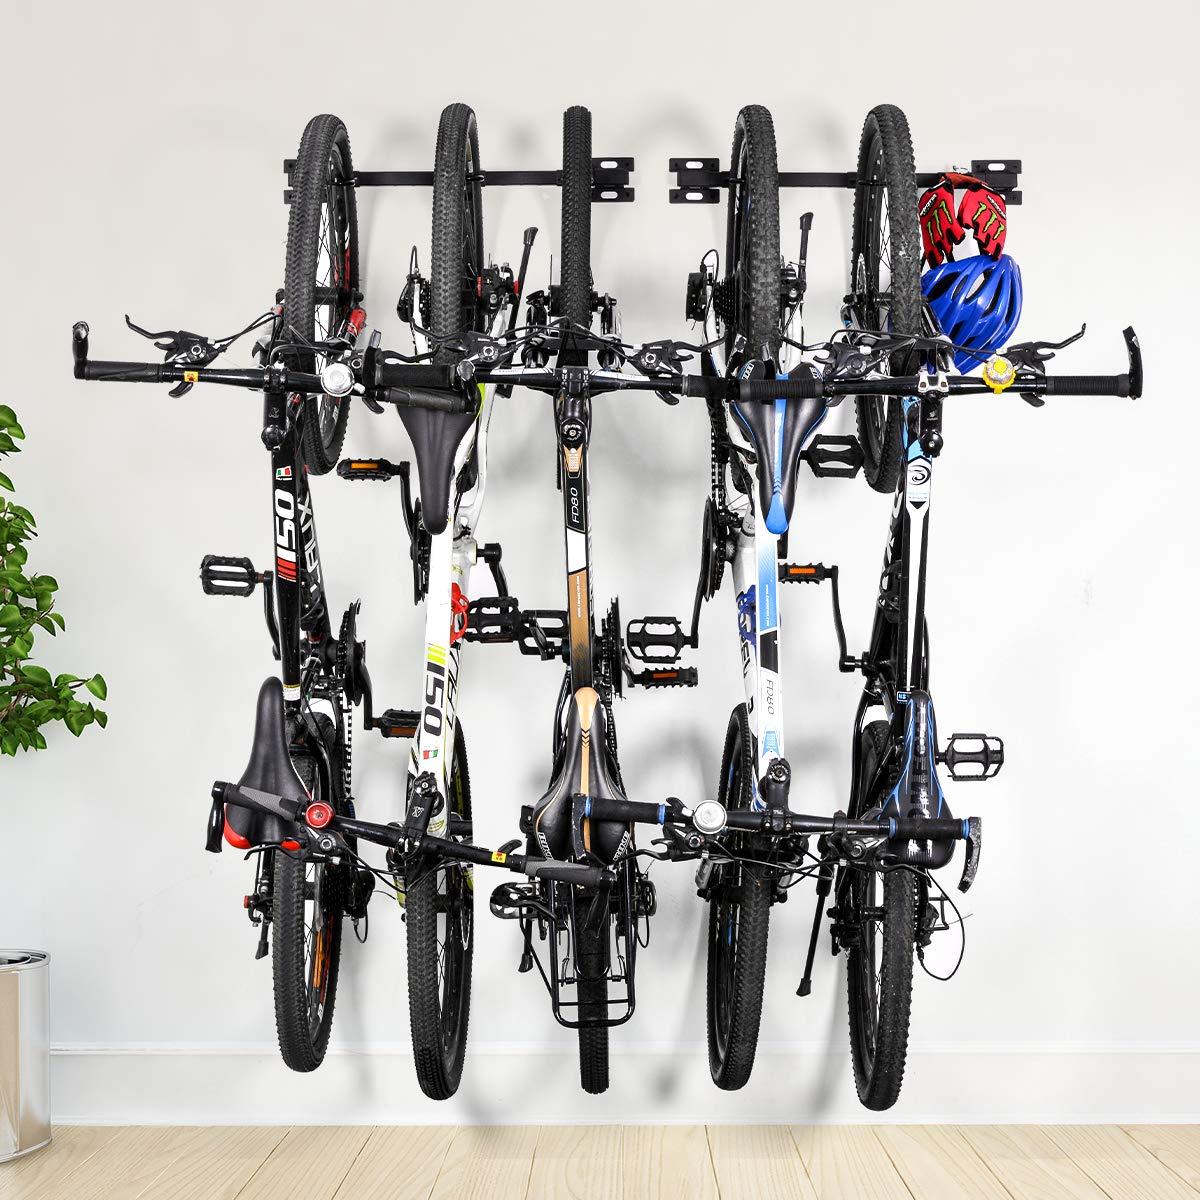 ikkle Soporte para Bicicletas Plegable de Montaje Directo Soporte de Almacenamiento para Bicicletas Soporta 5 Sistemas de Almacenamiento para Garaje Ajustable para el hogar y el Garaje: Amazon.es: Electrónica